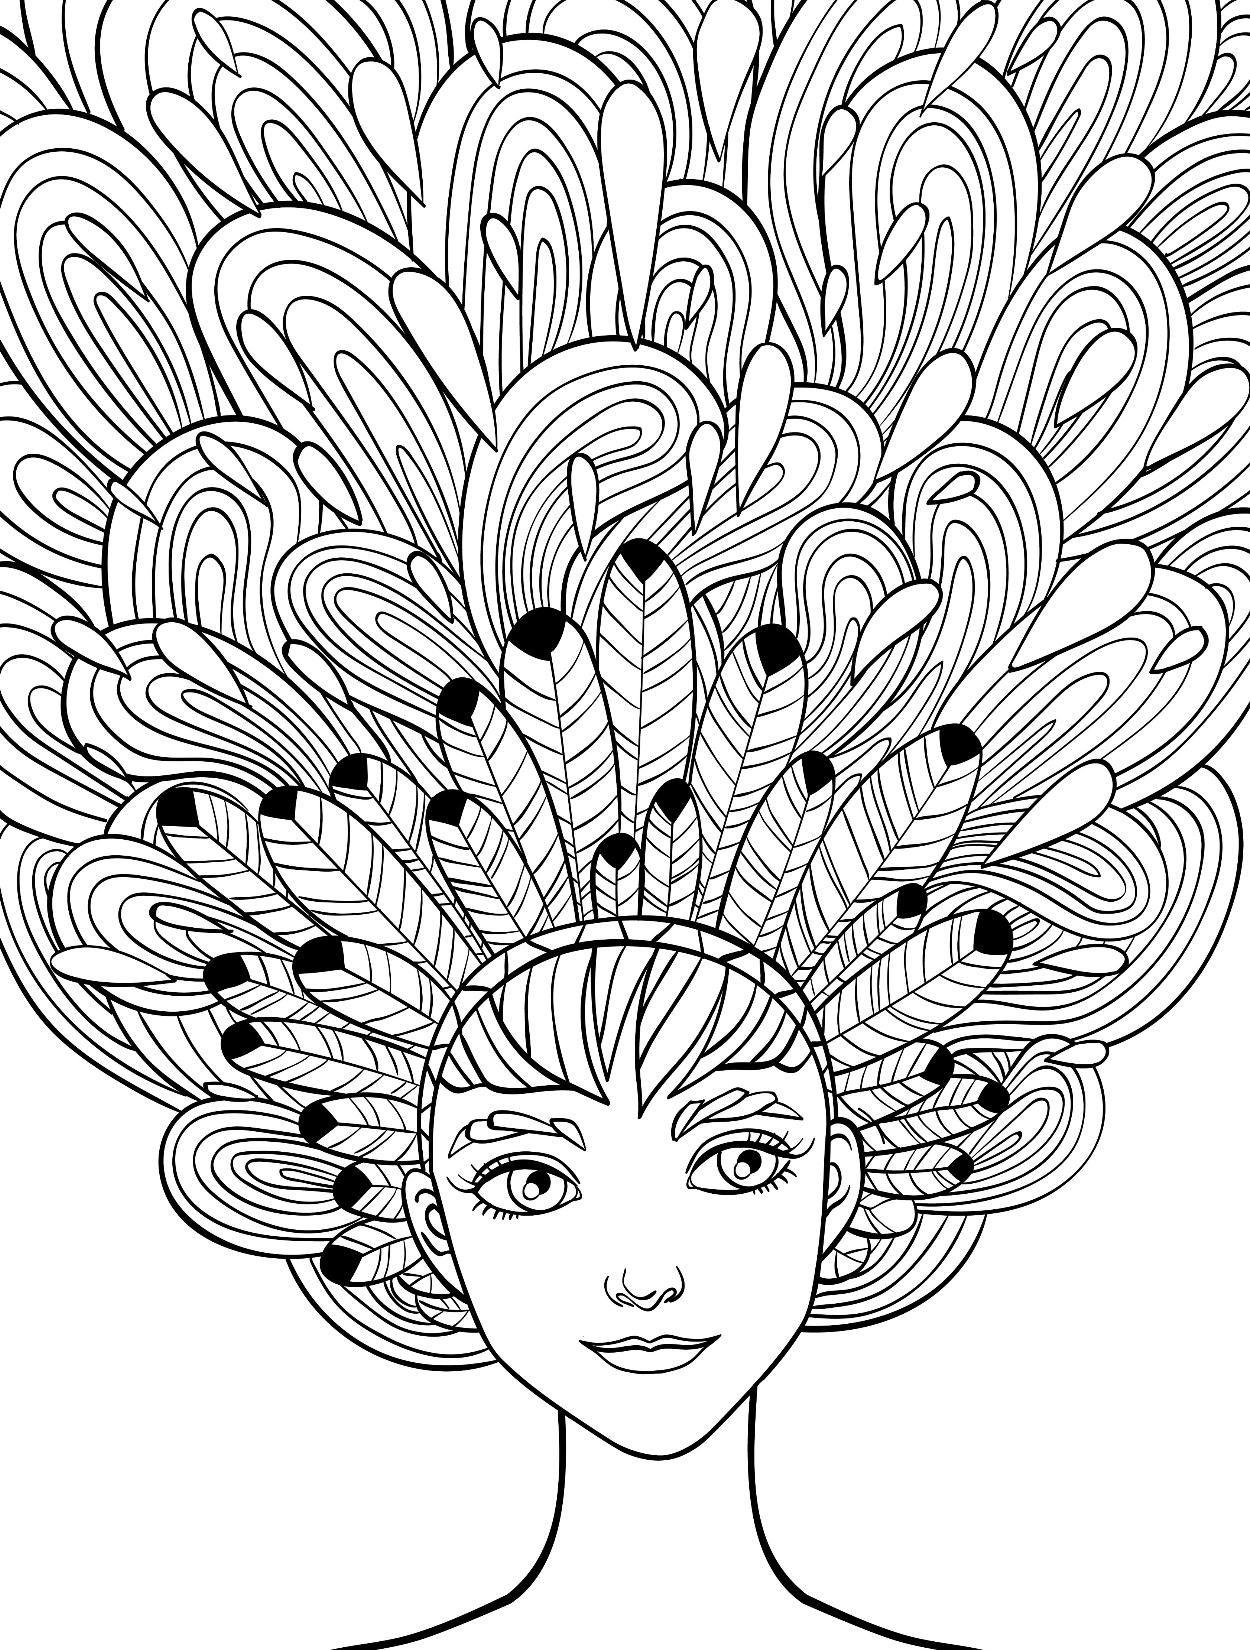 девушка с перьями в волосах люди и лица раскраски антистресс